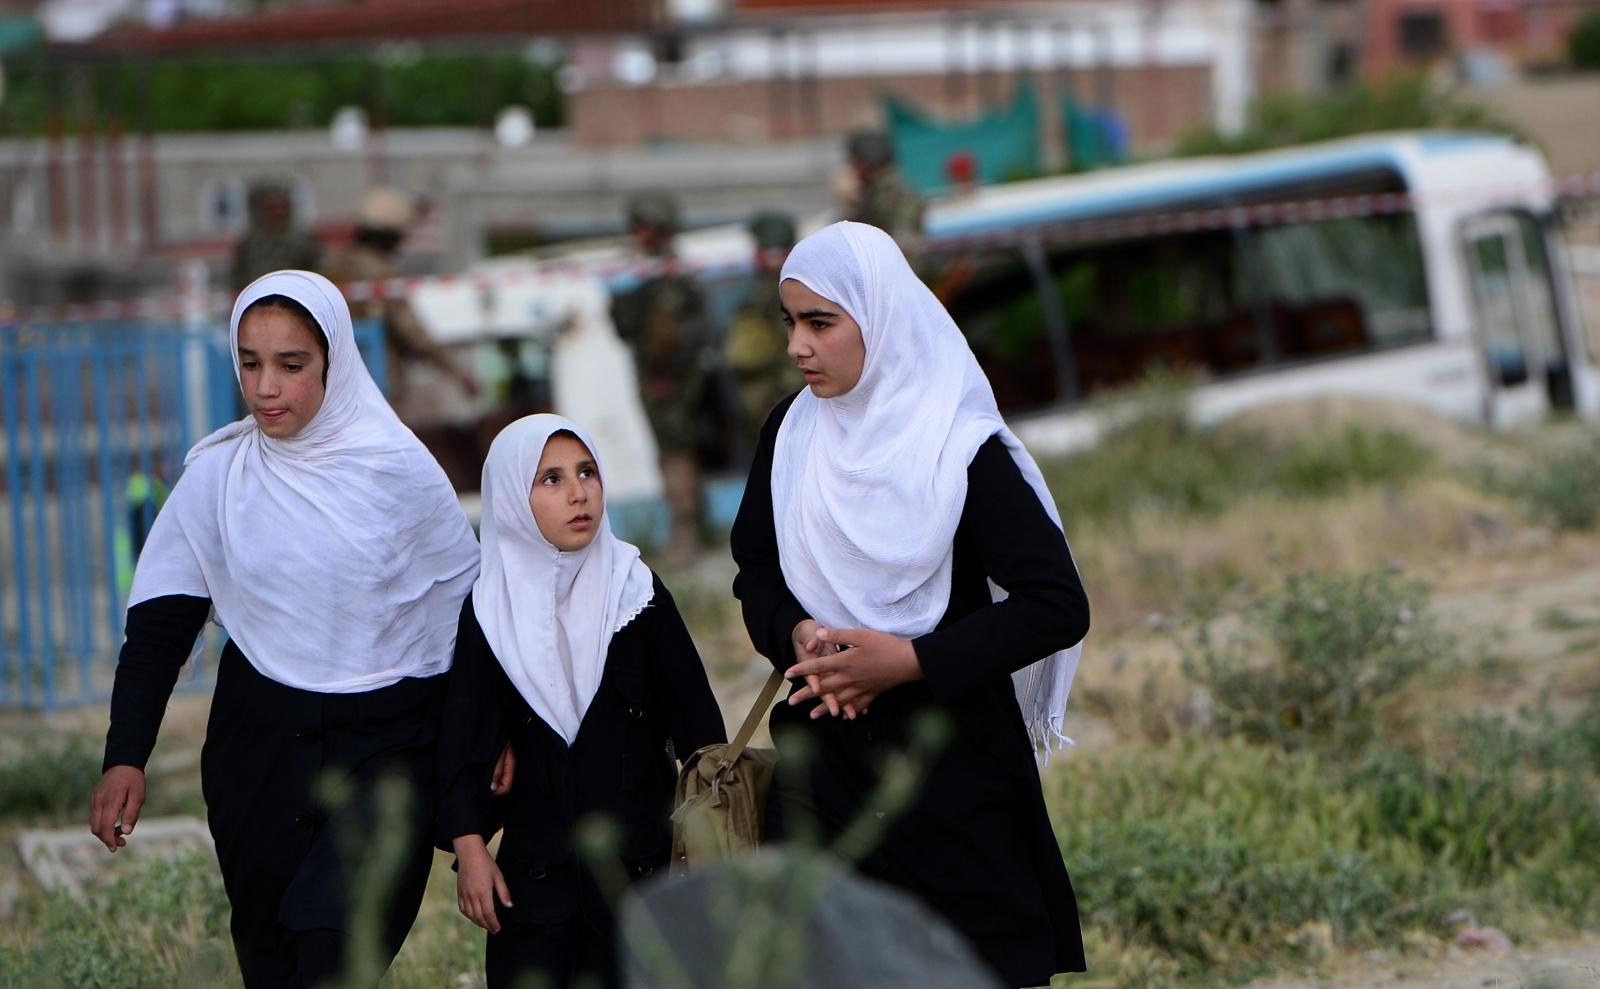 Afghan schoolgirls